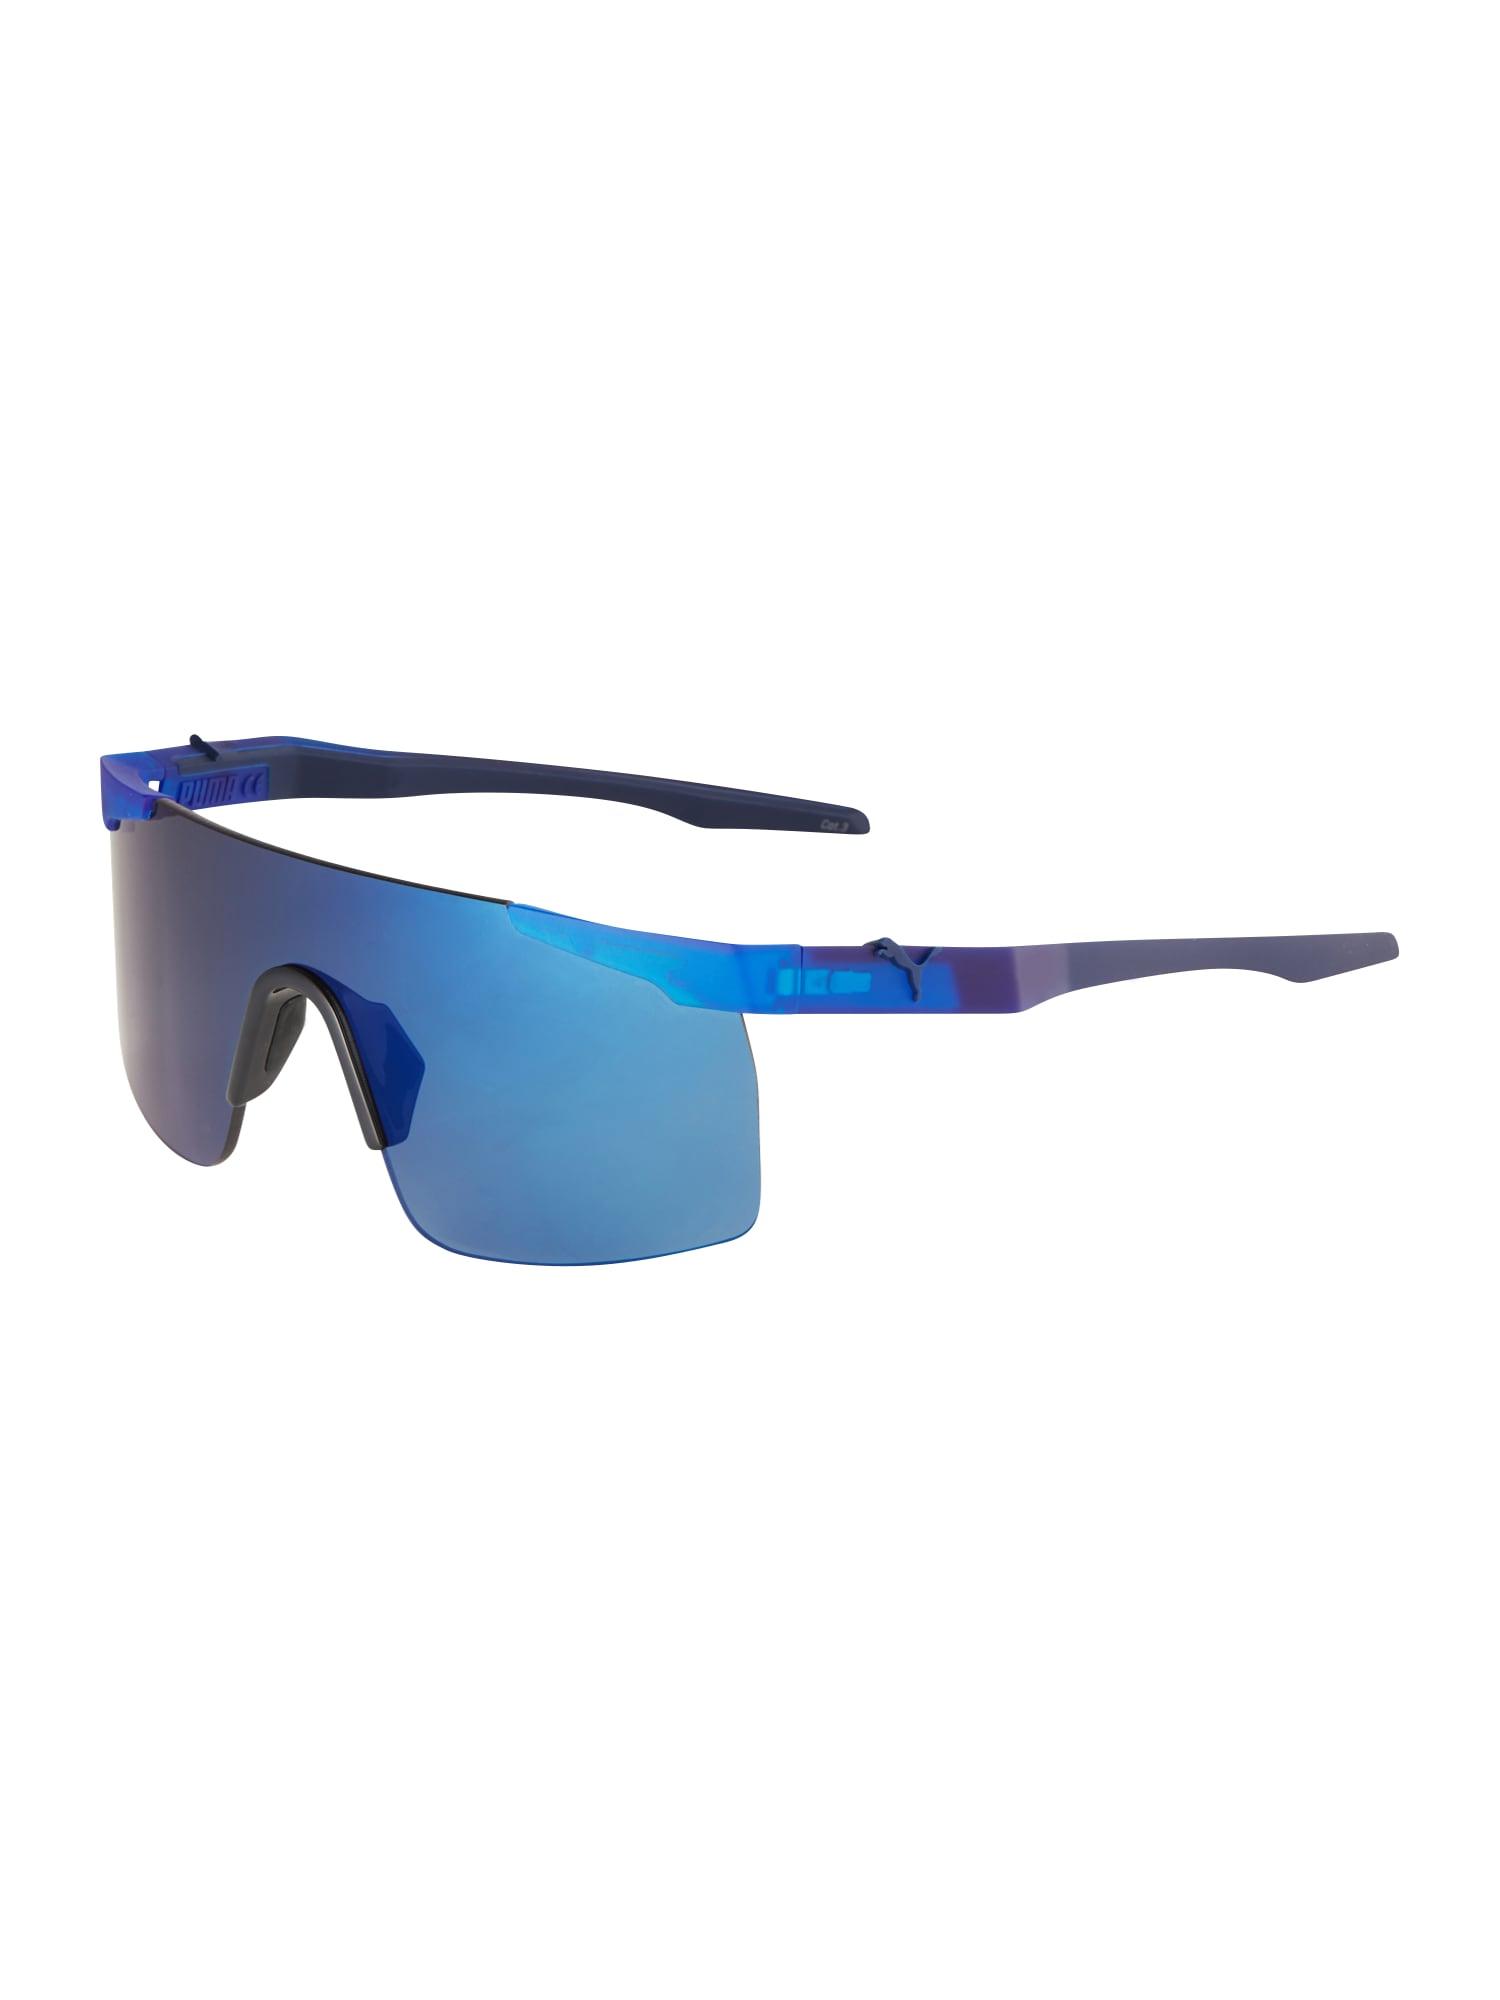 PUMA Occhiali da sole 'INJECTION'  blu male shop the look